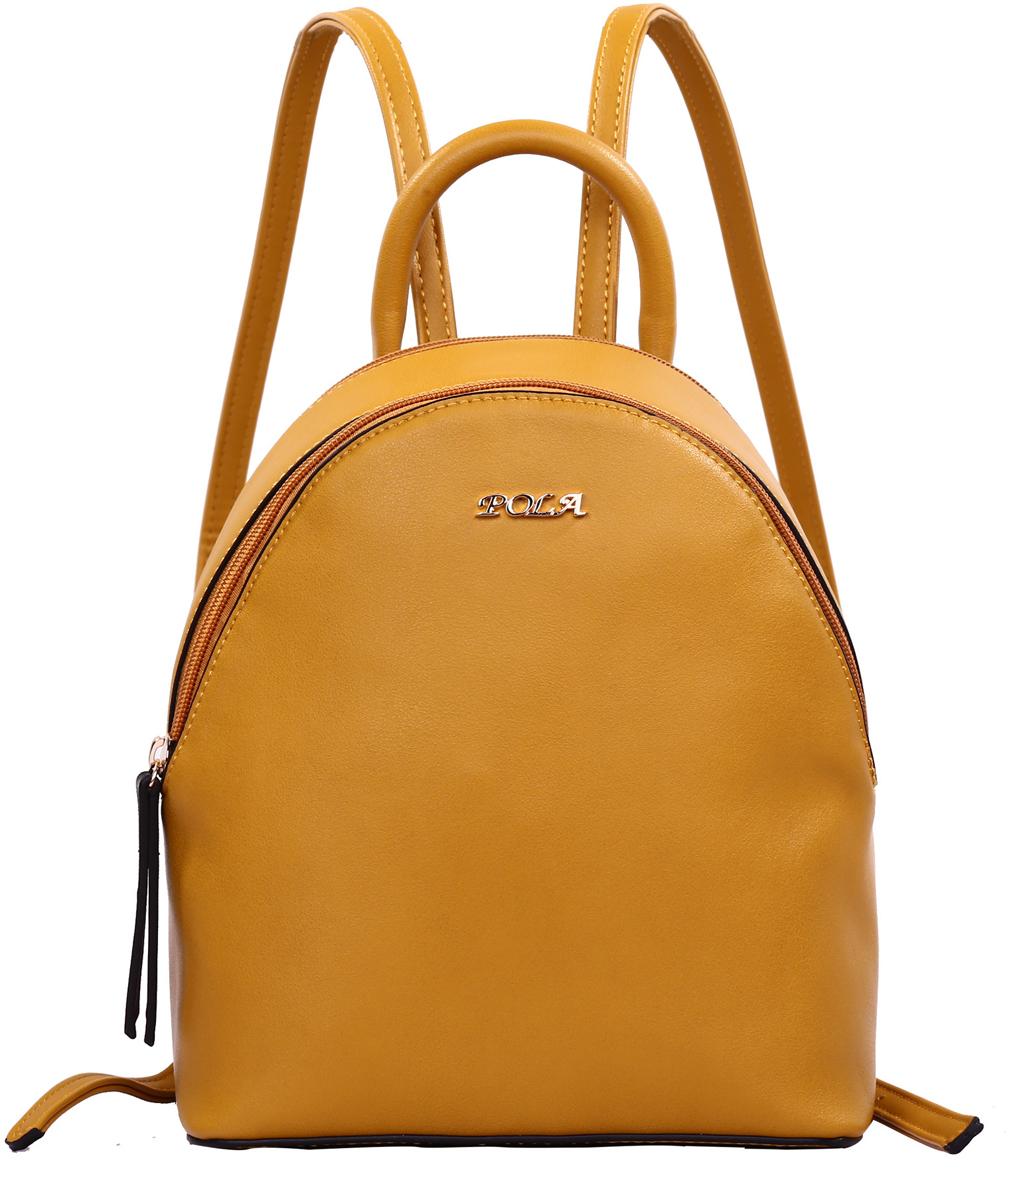 Рюкзак женский Pola, цвет: темно-желтый. 74525